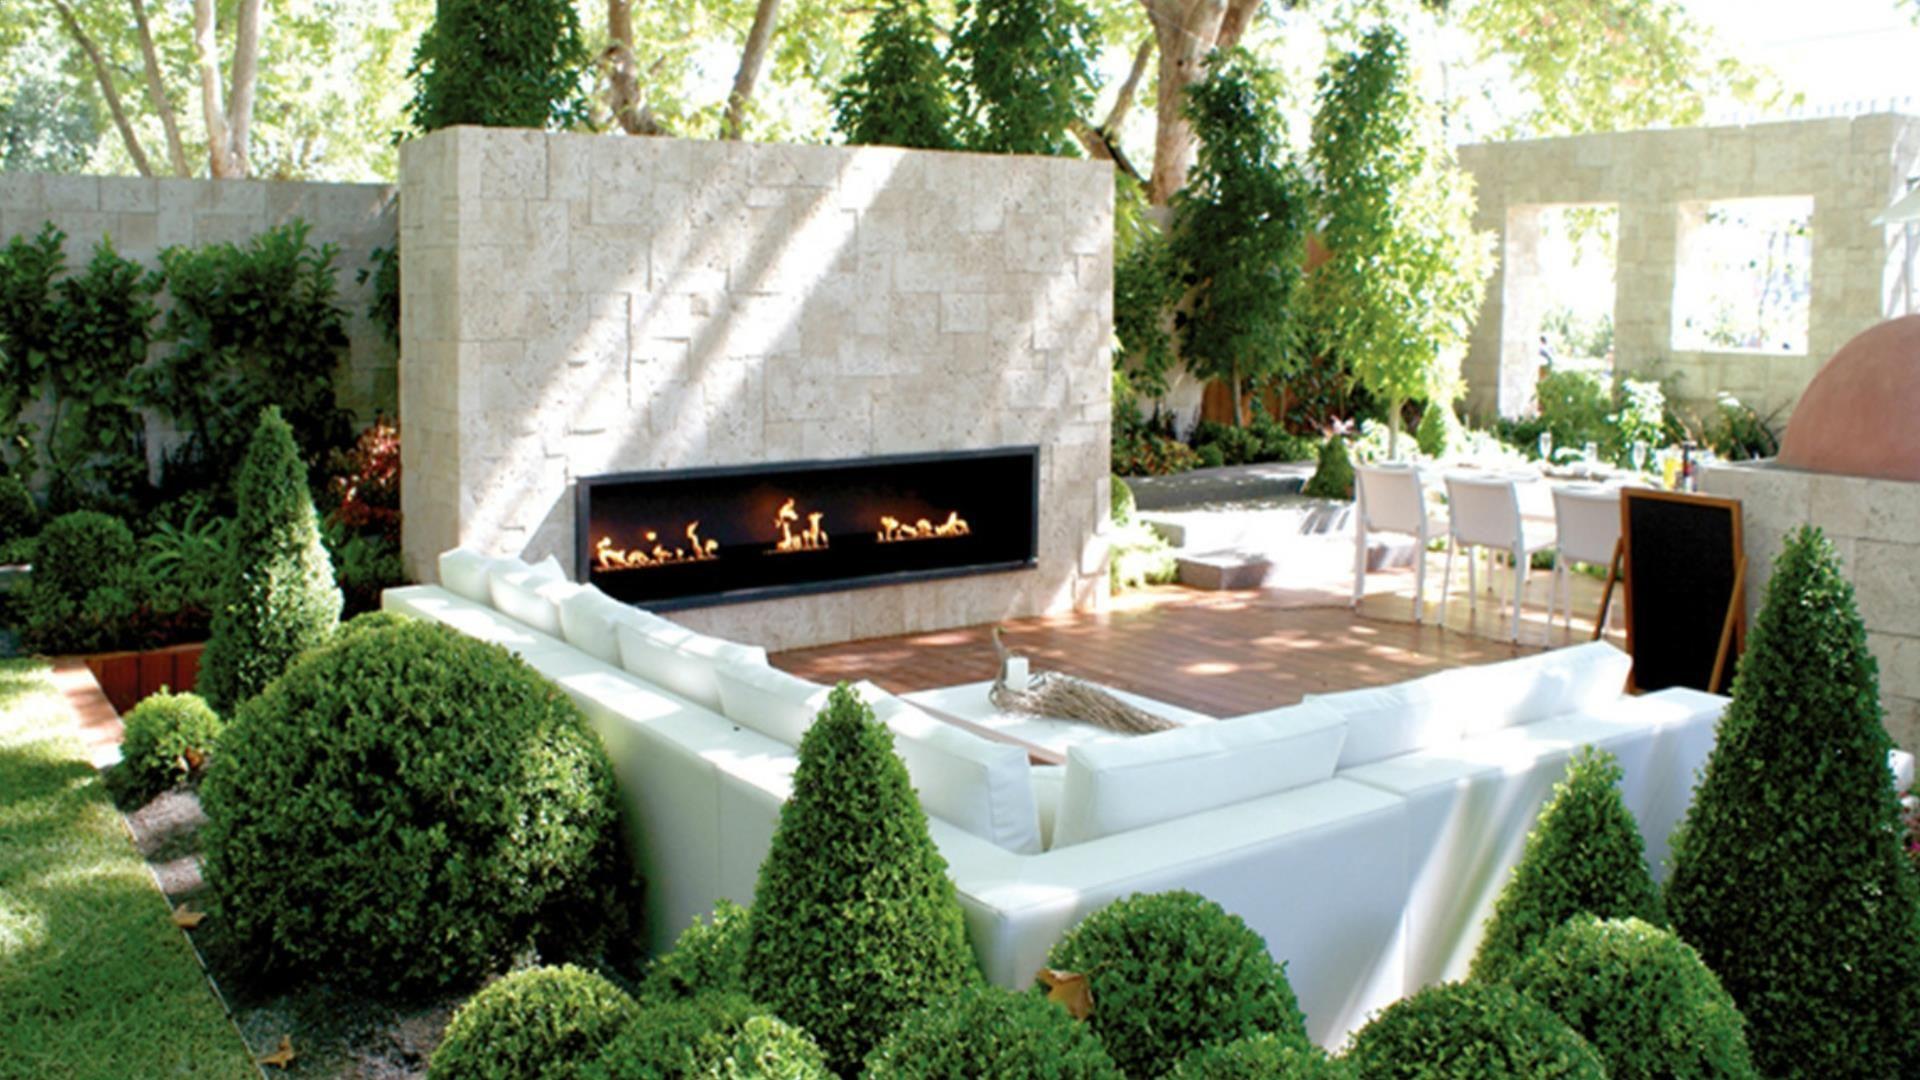 Deco Jardin Moderne Des Idées - Idees Conception Jardin concernant Chaux Jardin